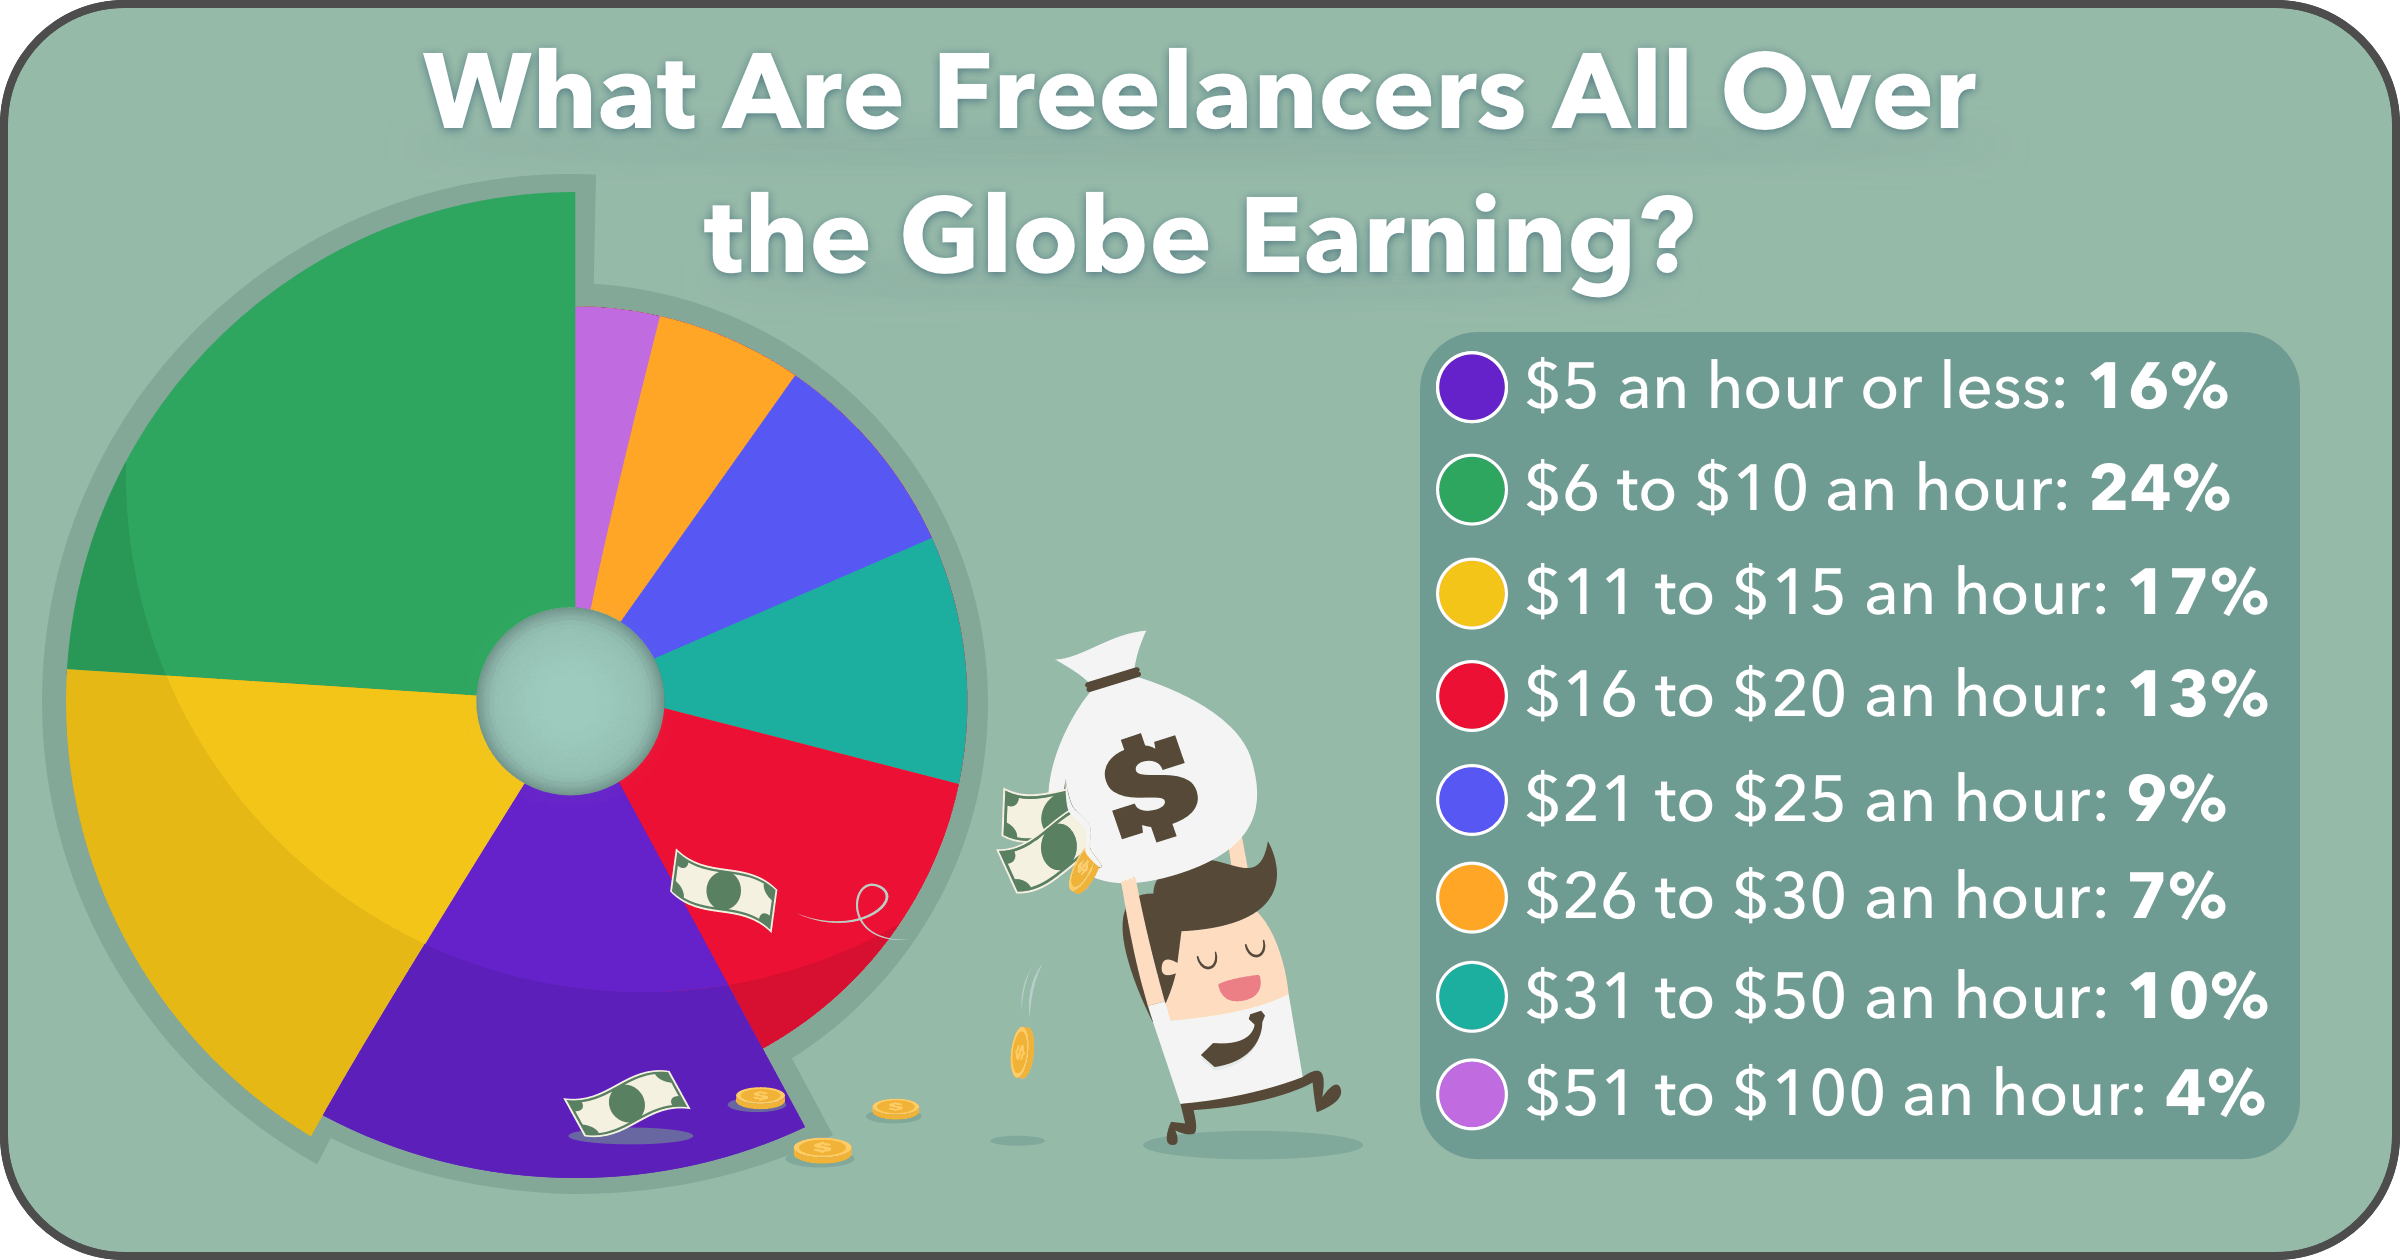 Average Global Freelancer Earnings per Hour